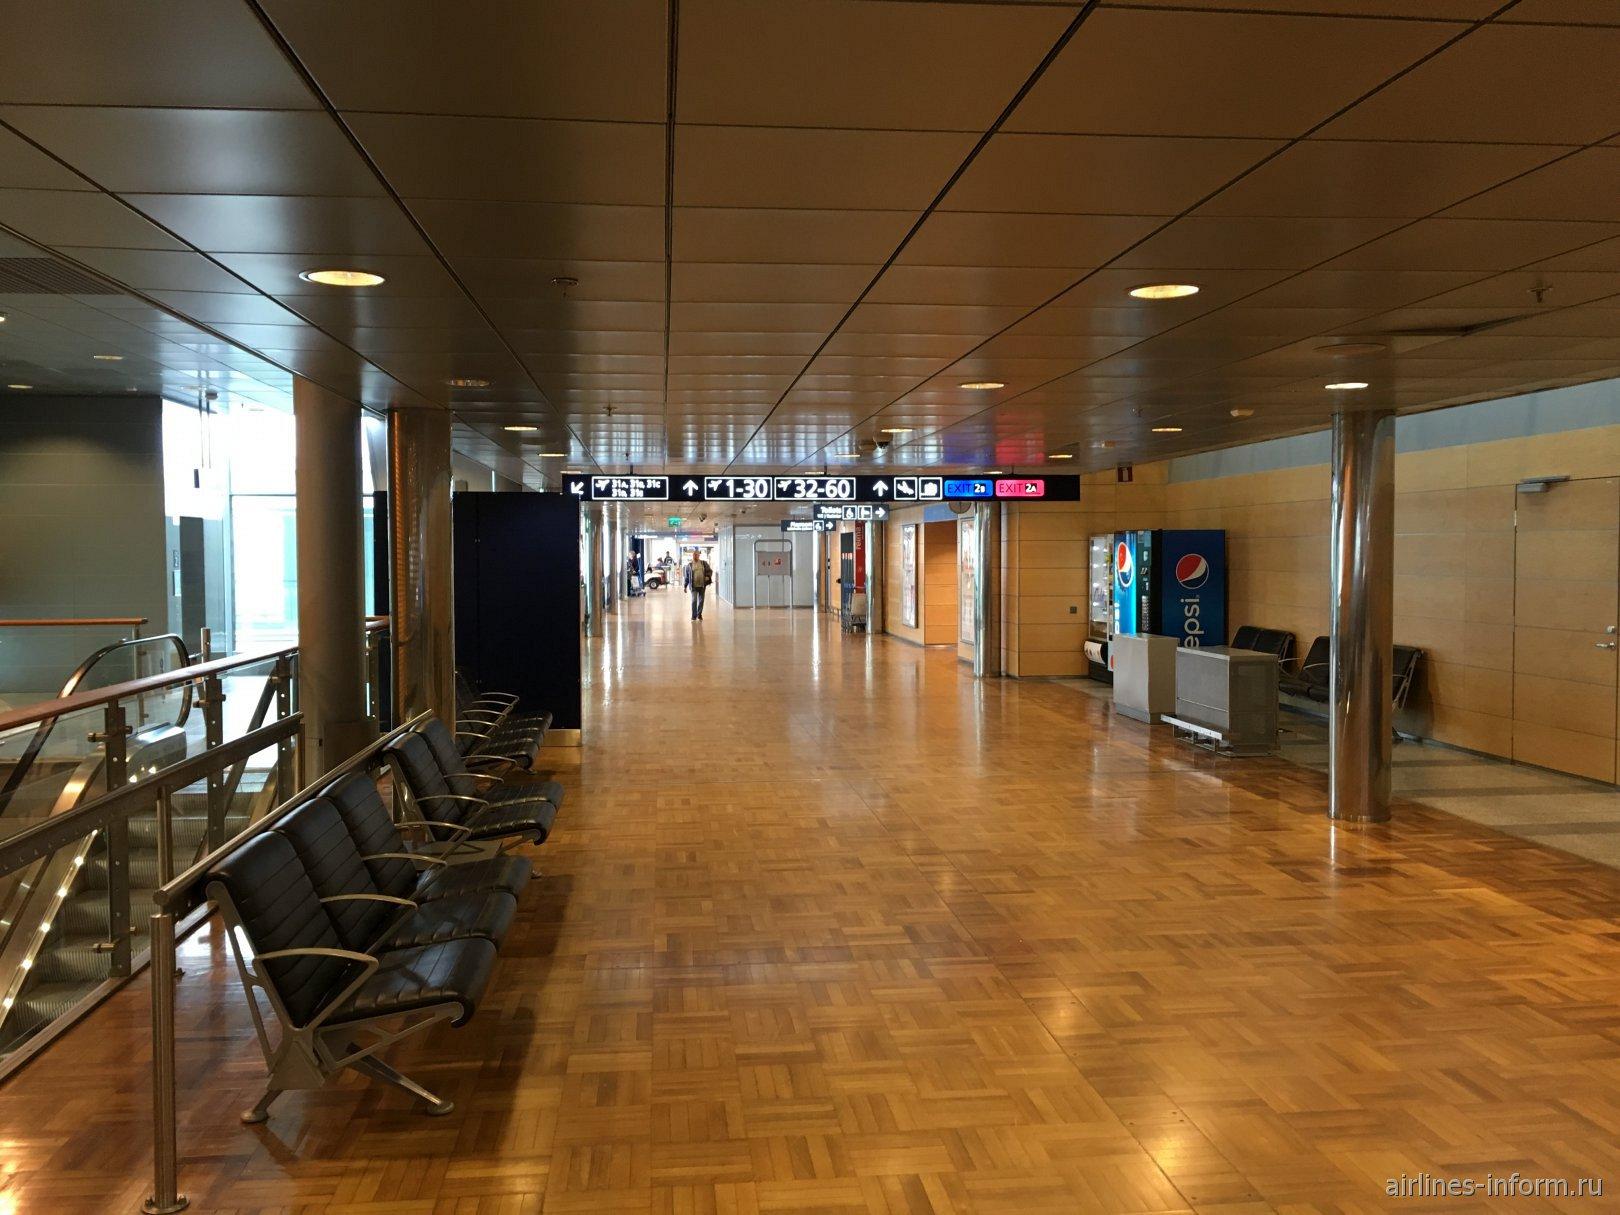 Переход в чистой зоне аэропорта Хельсинки Вантаа